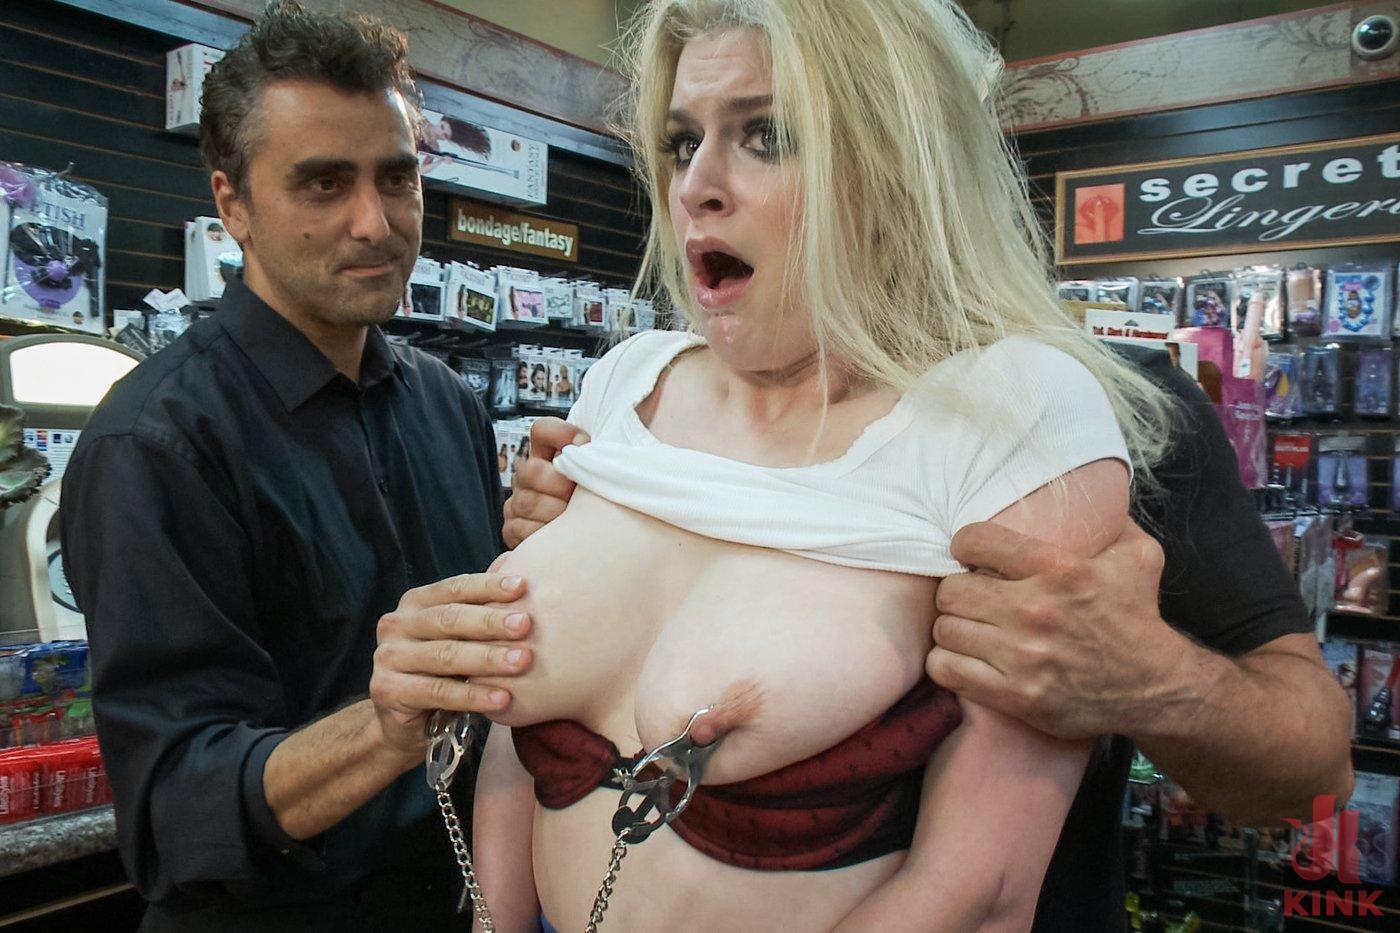 ingatlantulajdonostol.info twitch girl nude